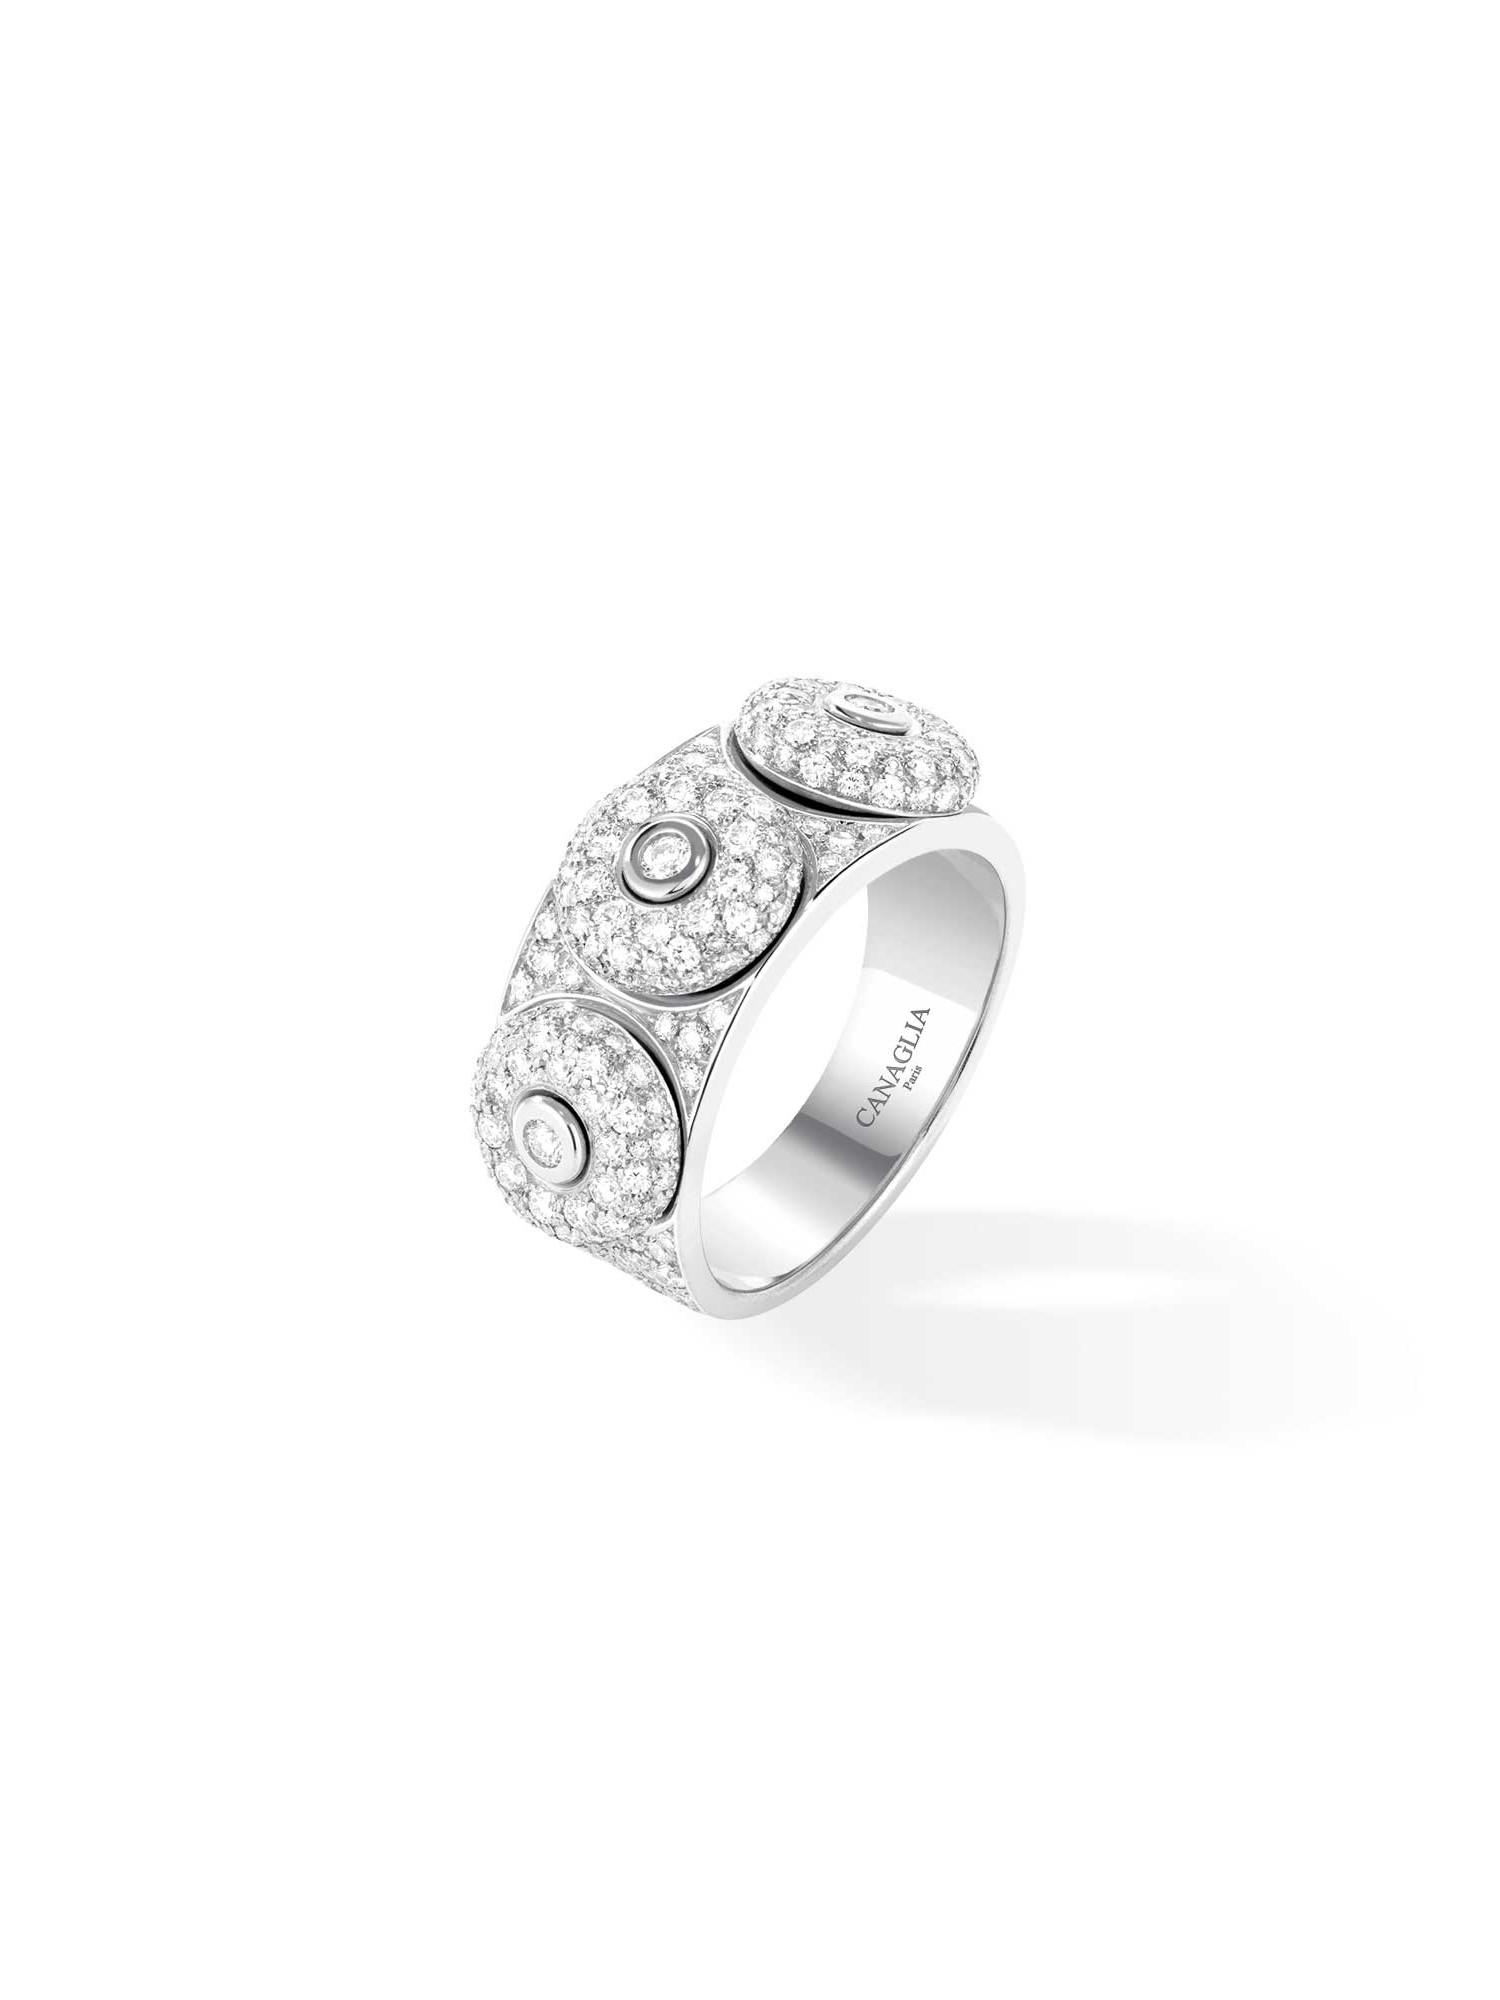 Bague jonc or gris, diamants, pavage diamants 3 bouées - Joaillerie Canaglia Paris-Milan